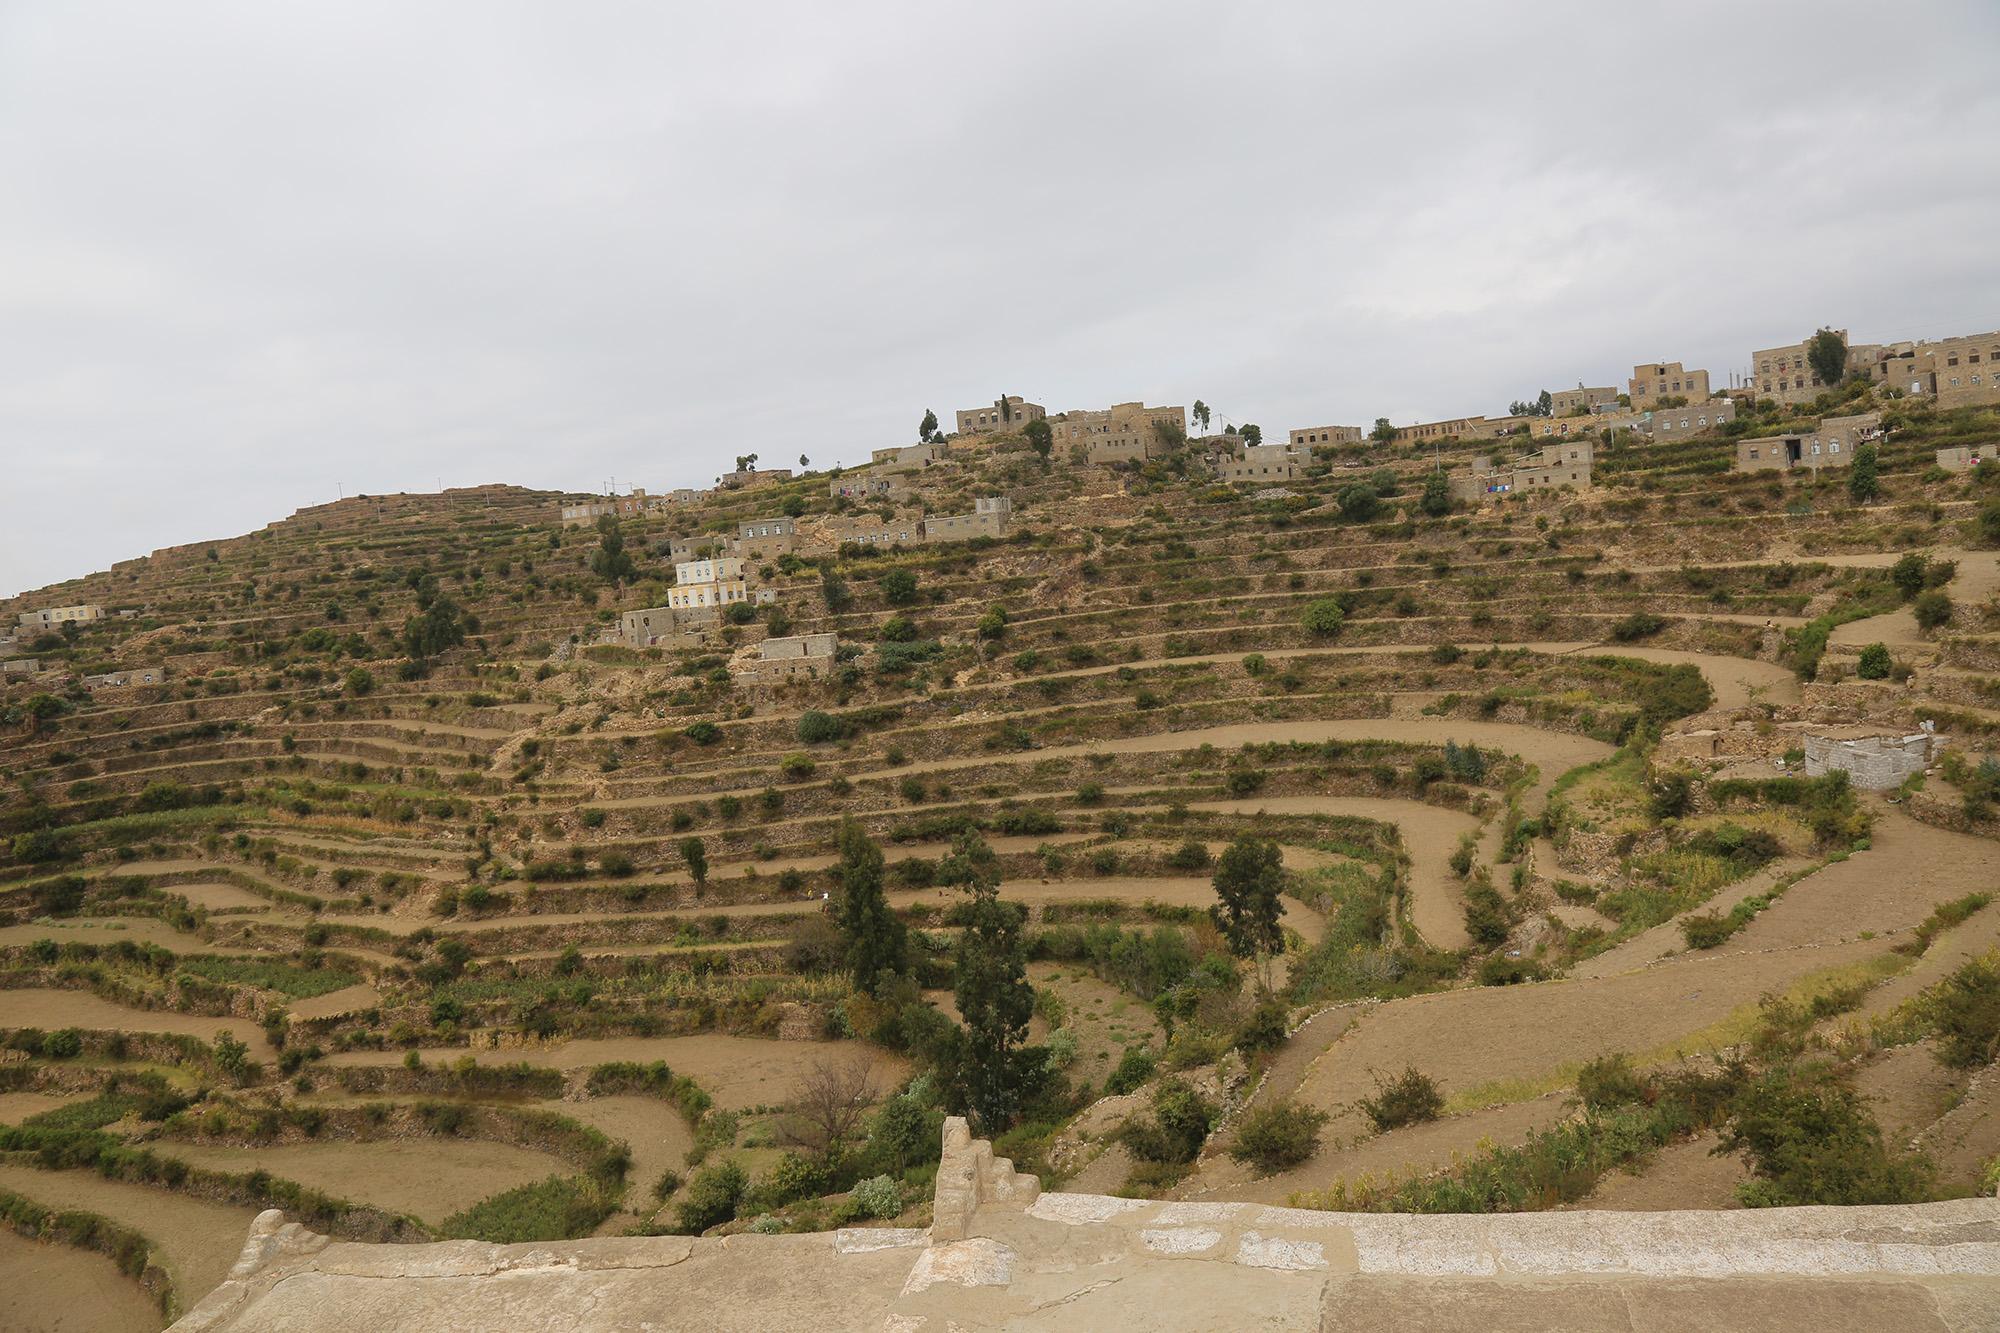 الري بالطاقة الشمسية في اليمن: الفرص والتحديات والسياسات